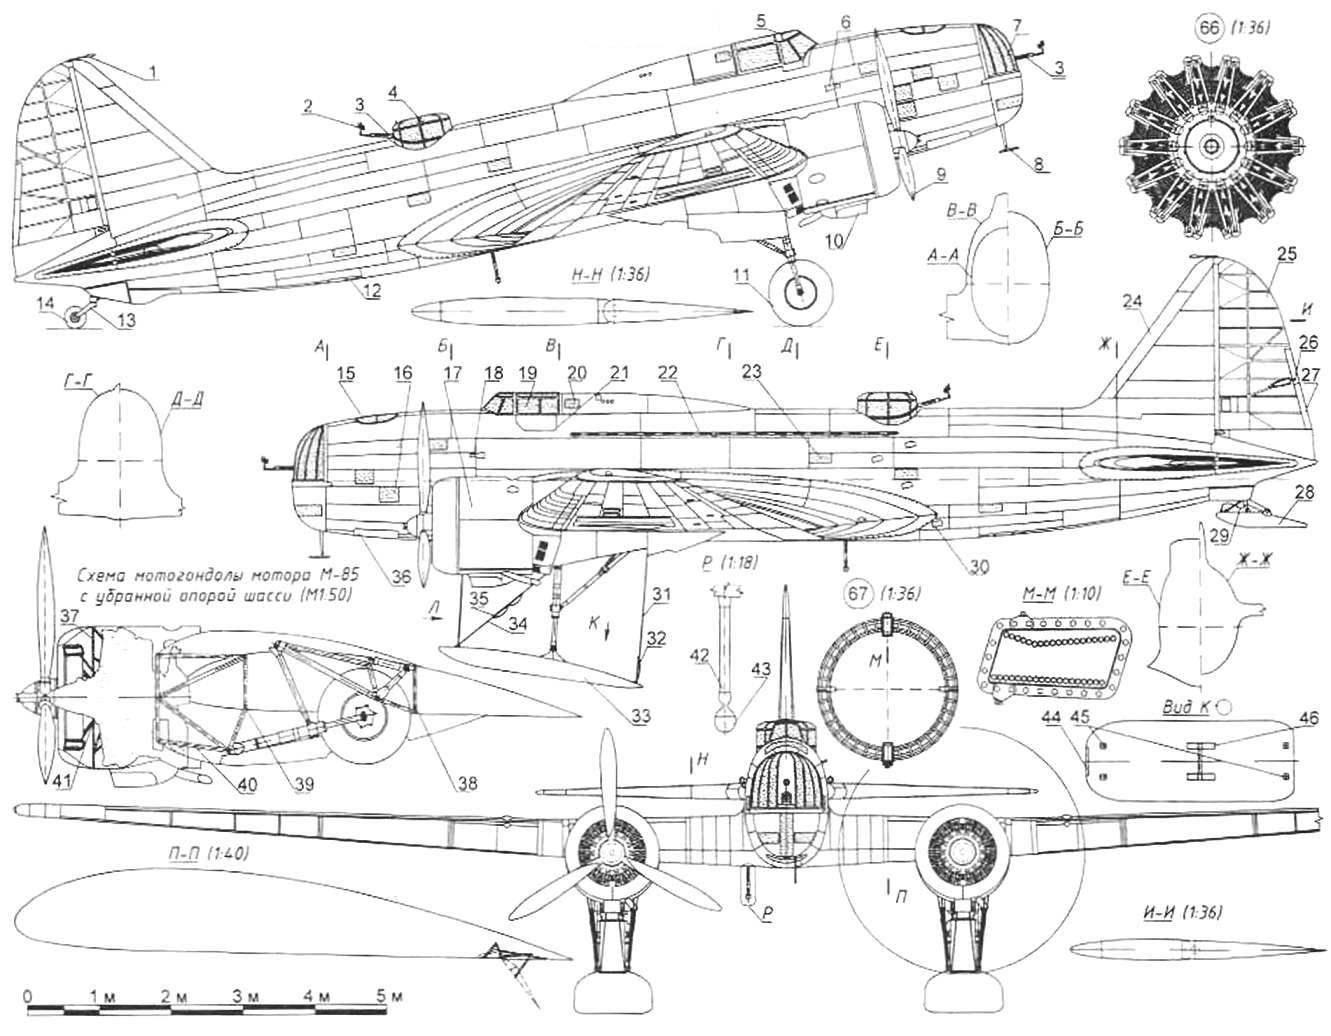 Дальний бомбардировщик ДБ-3 2М-85